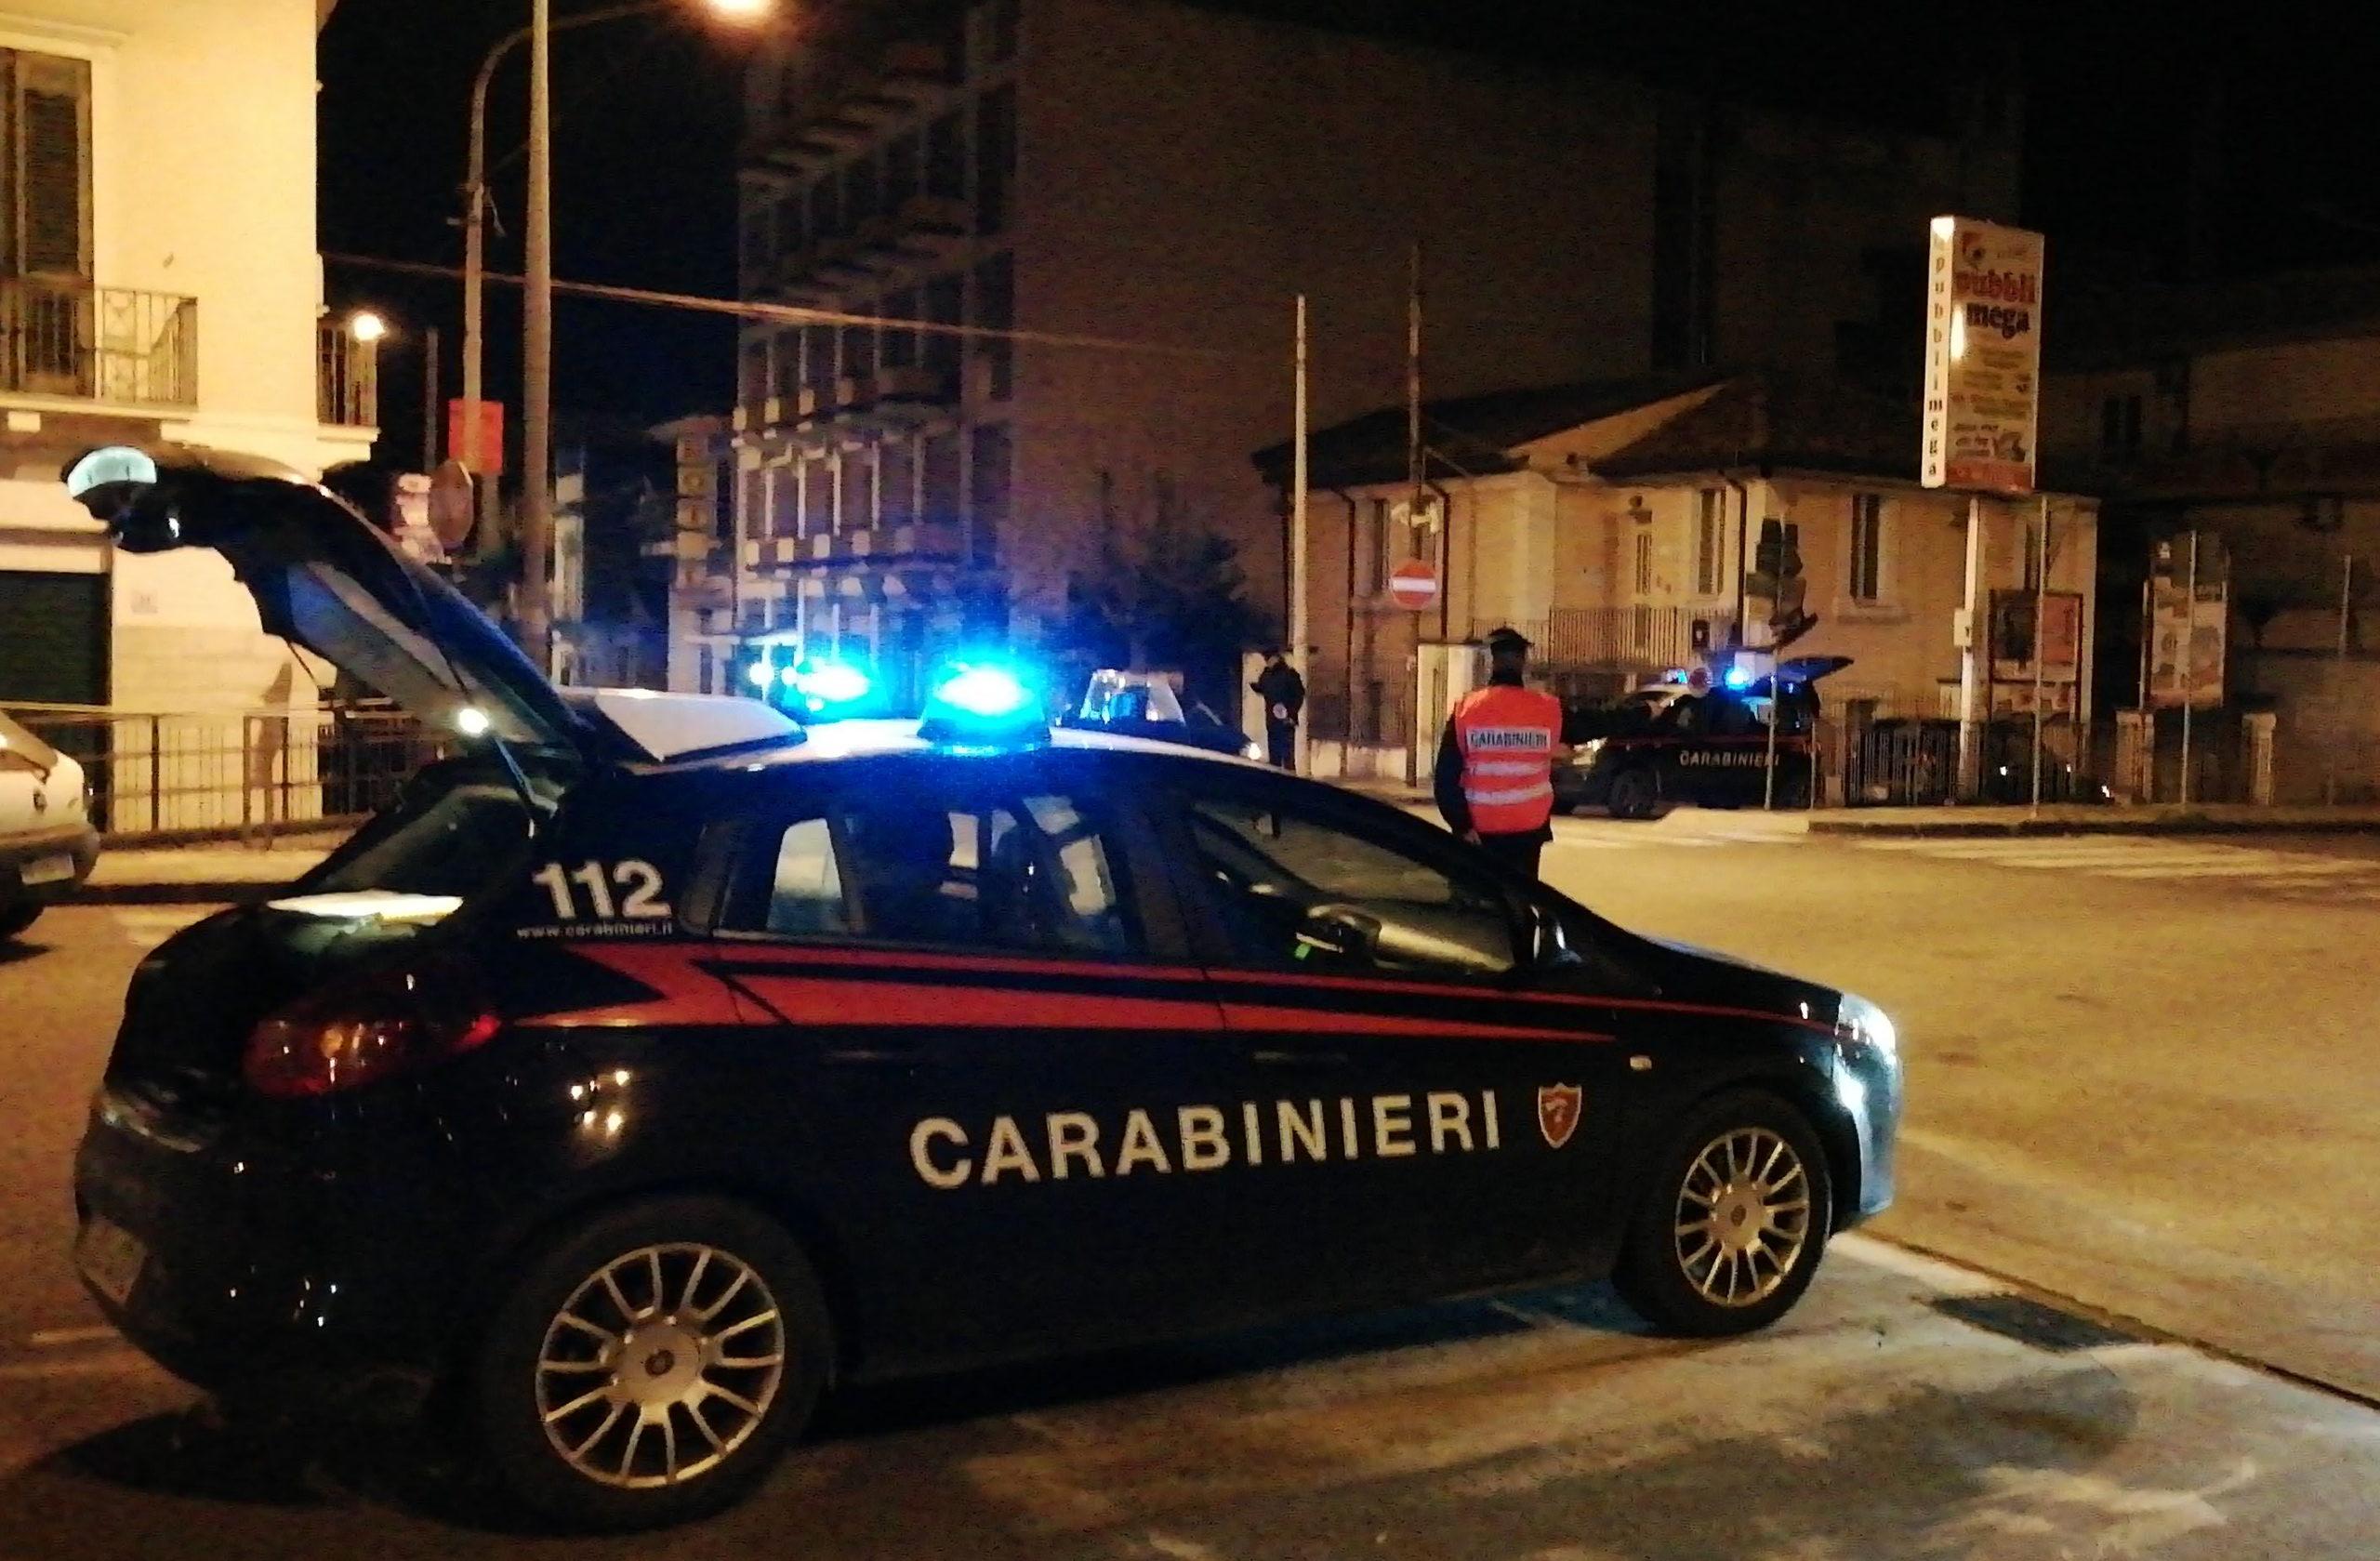 Barcellona e dintorni: controlli e raffica di denunce